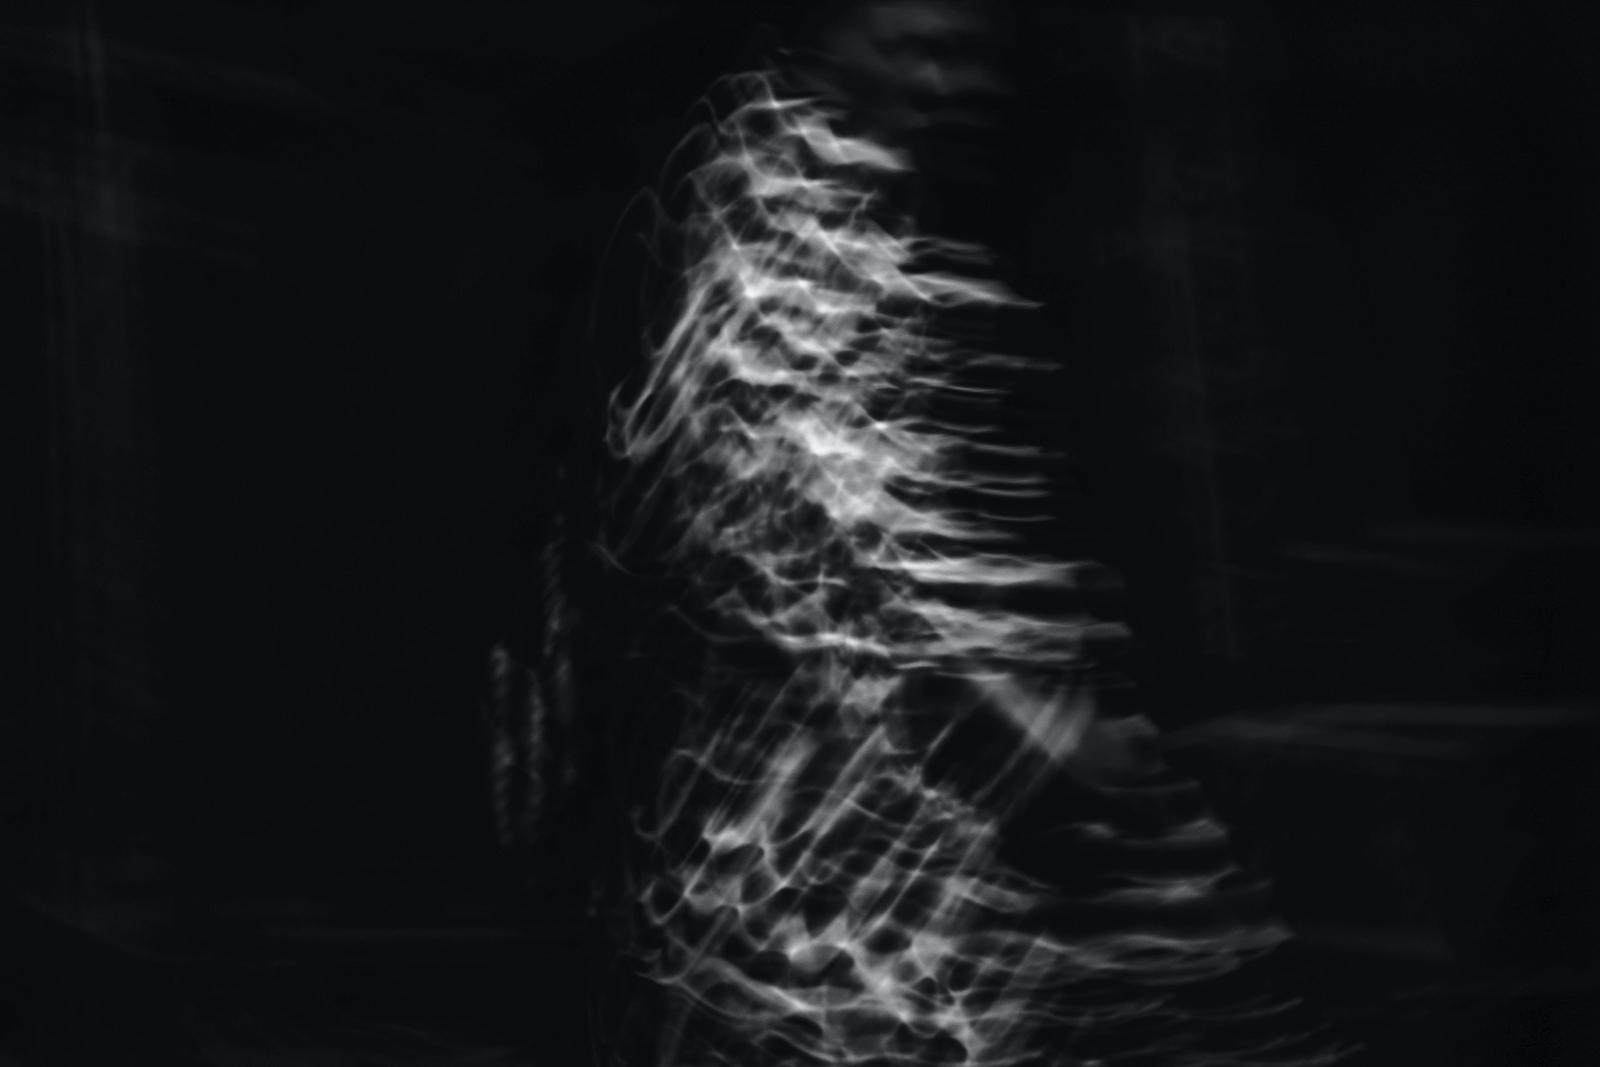 Magnetkamera vid ryggsmärta –varför är det inte bara bra?